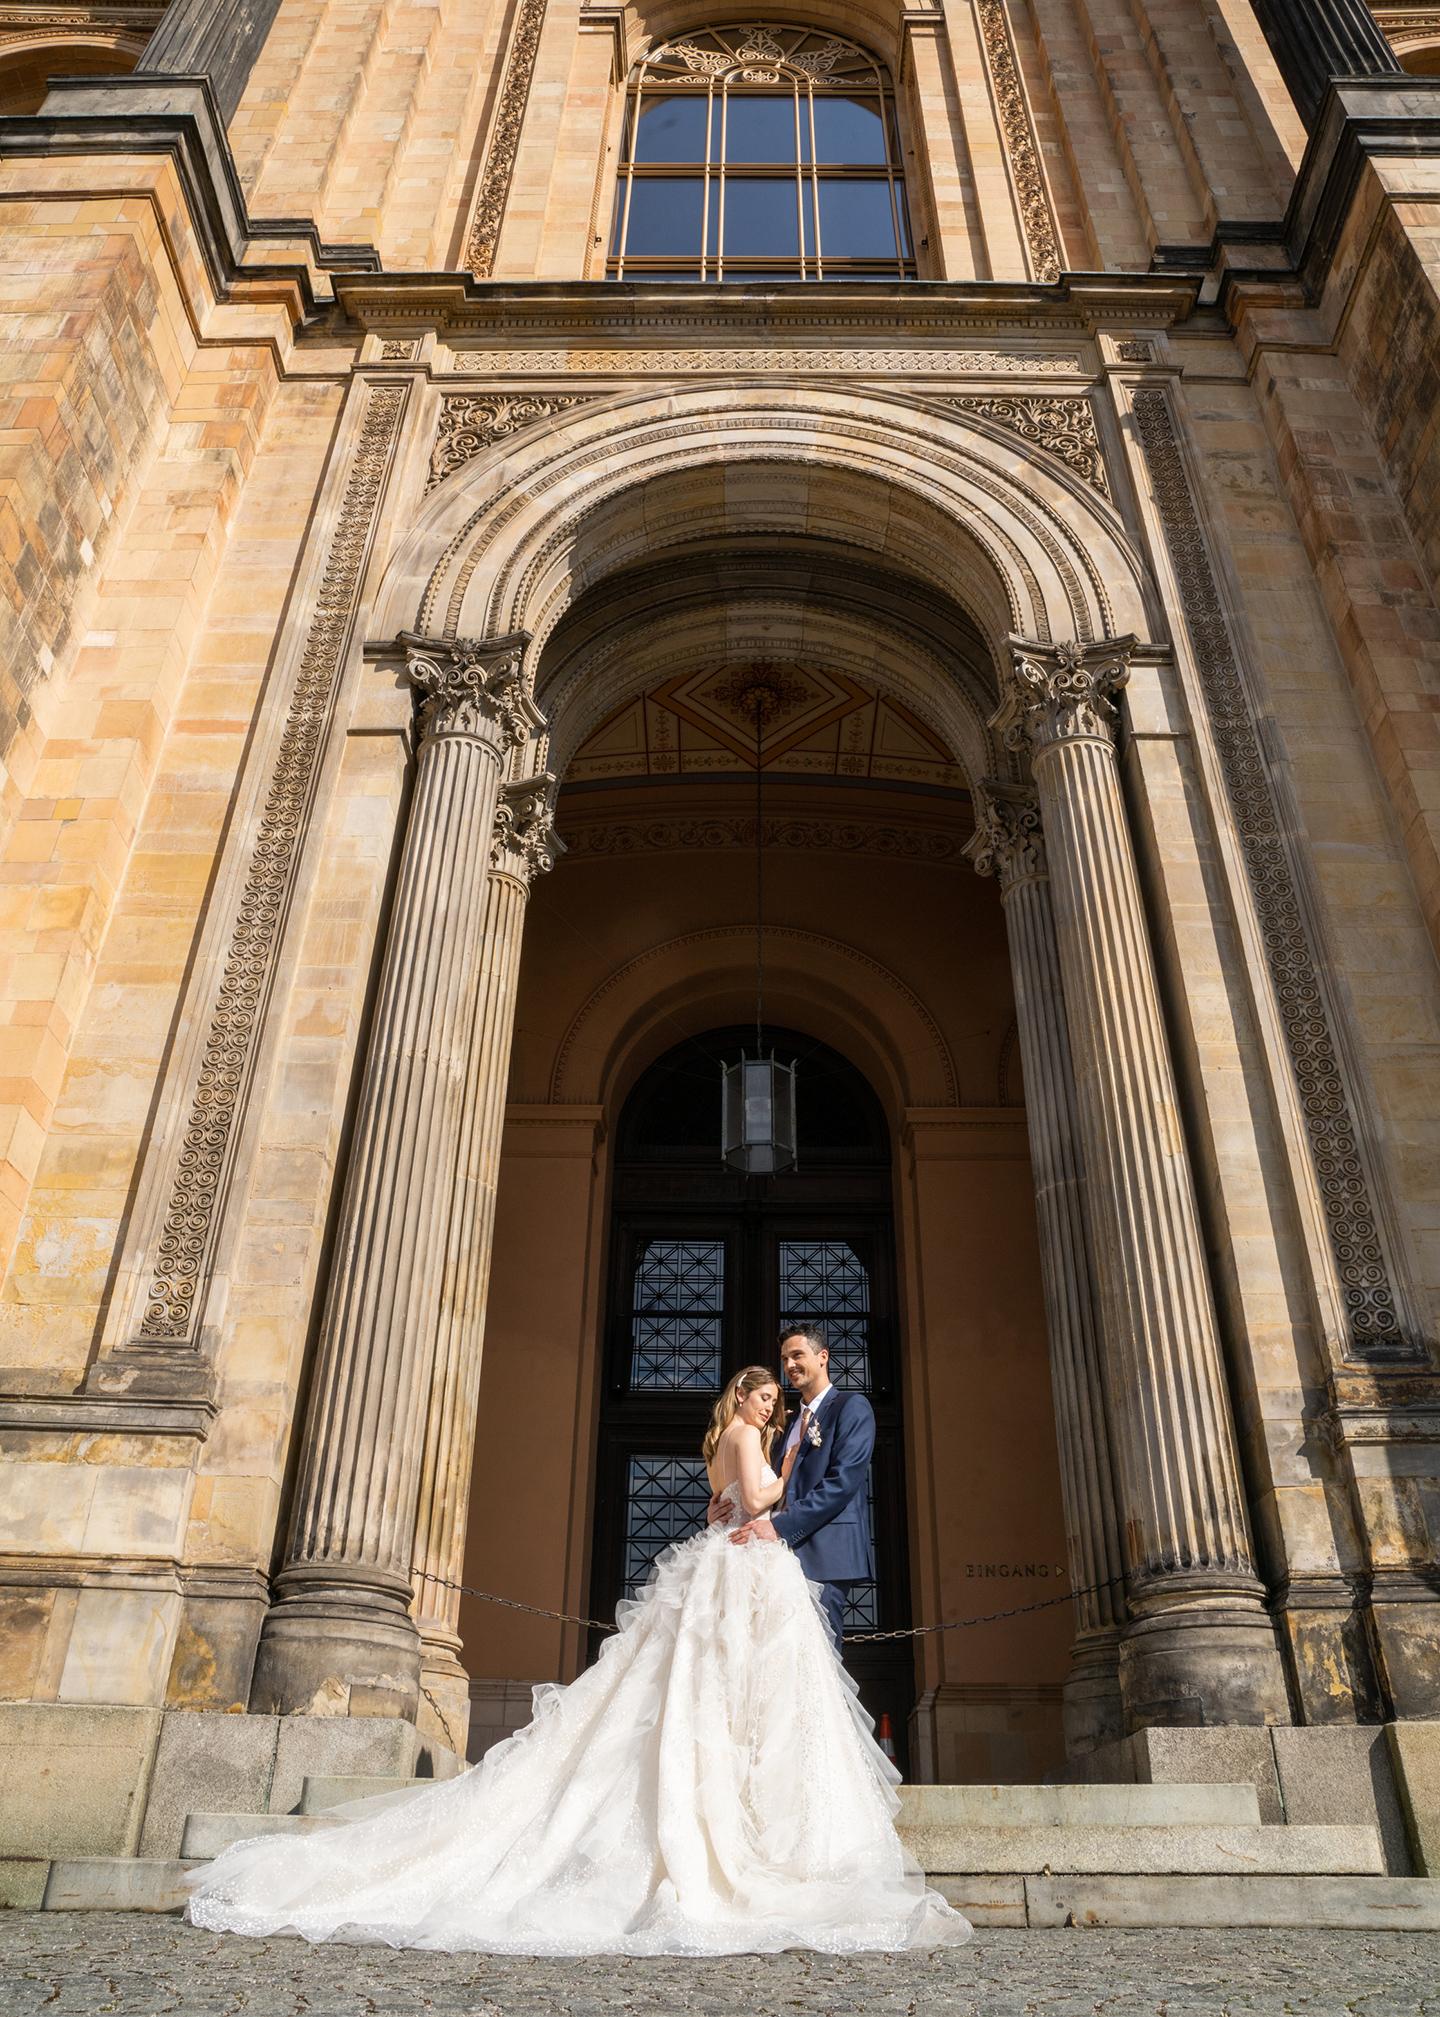 Das Hochzeitspaar bestehend aus Braut und Bräutigam steht vor einer beeindruckenden Architektur, in der die Trauung stattfindet. Vor der imposanten Tür posieren sie für Fotos.